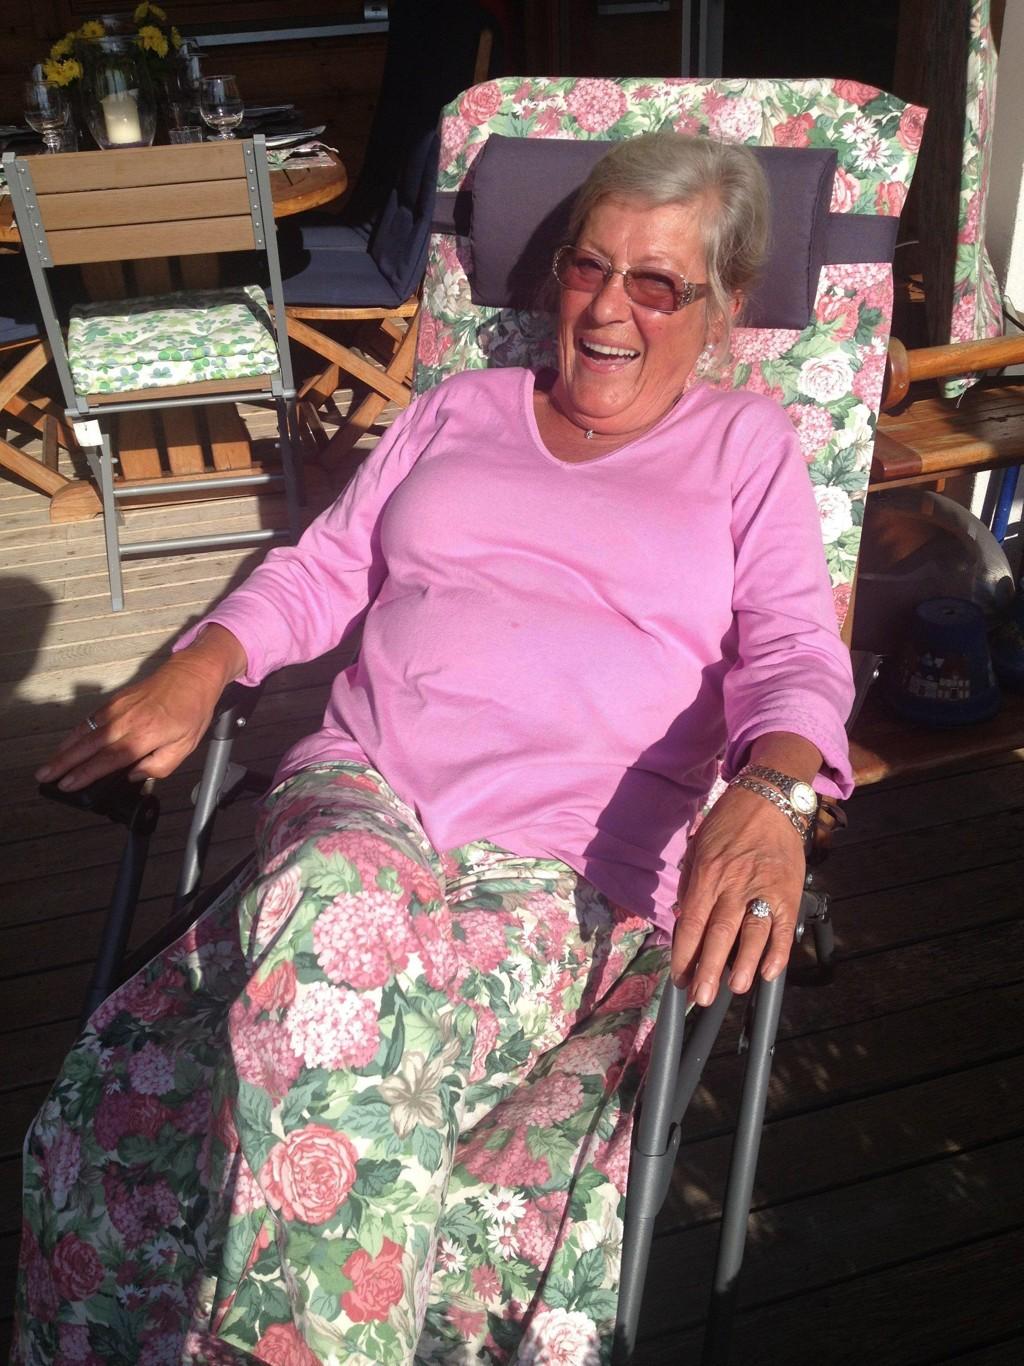 Av de gamle gardinene sydde mor trekk til solstolen og nye bukser med det samme stoffet. (Foto: Baard Fiksdal)